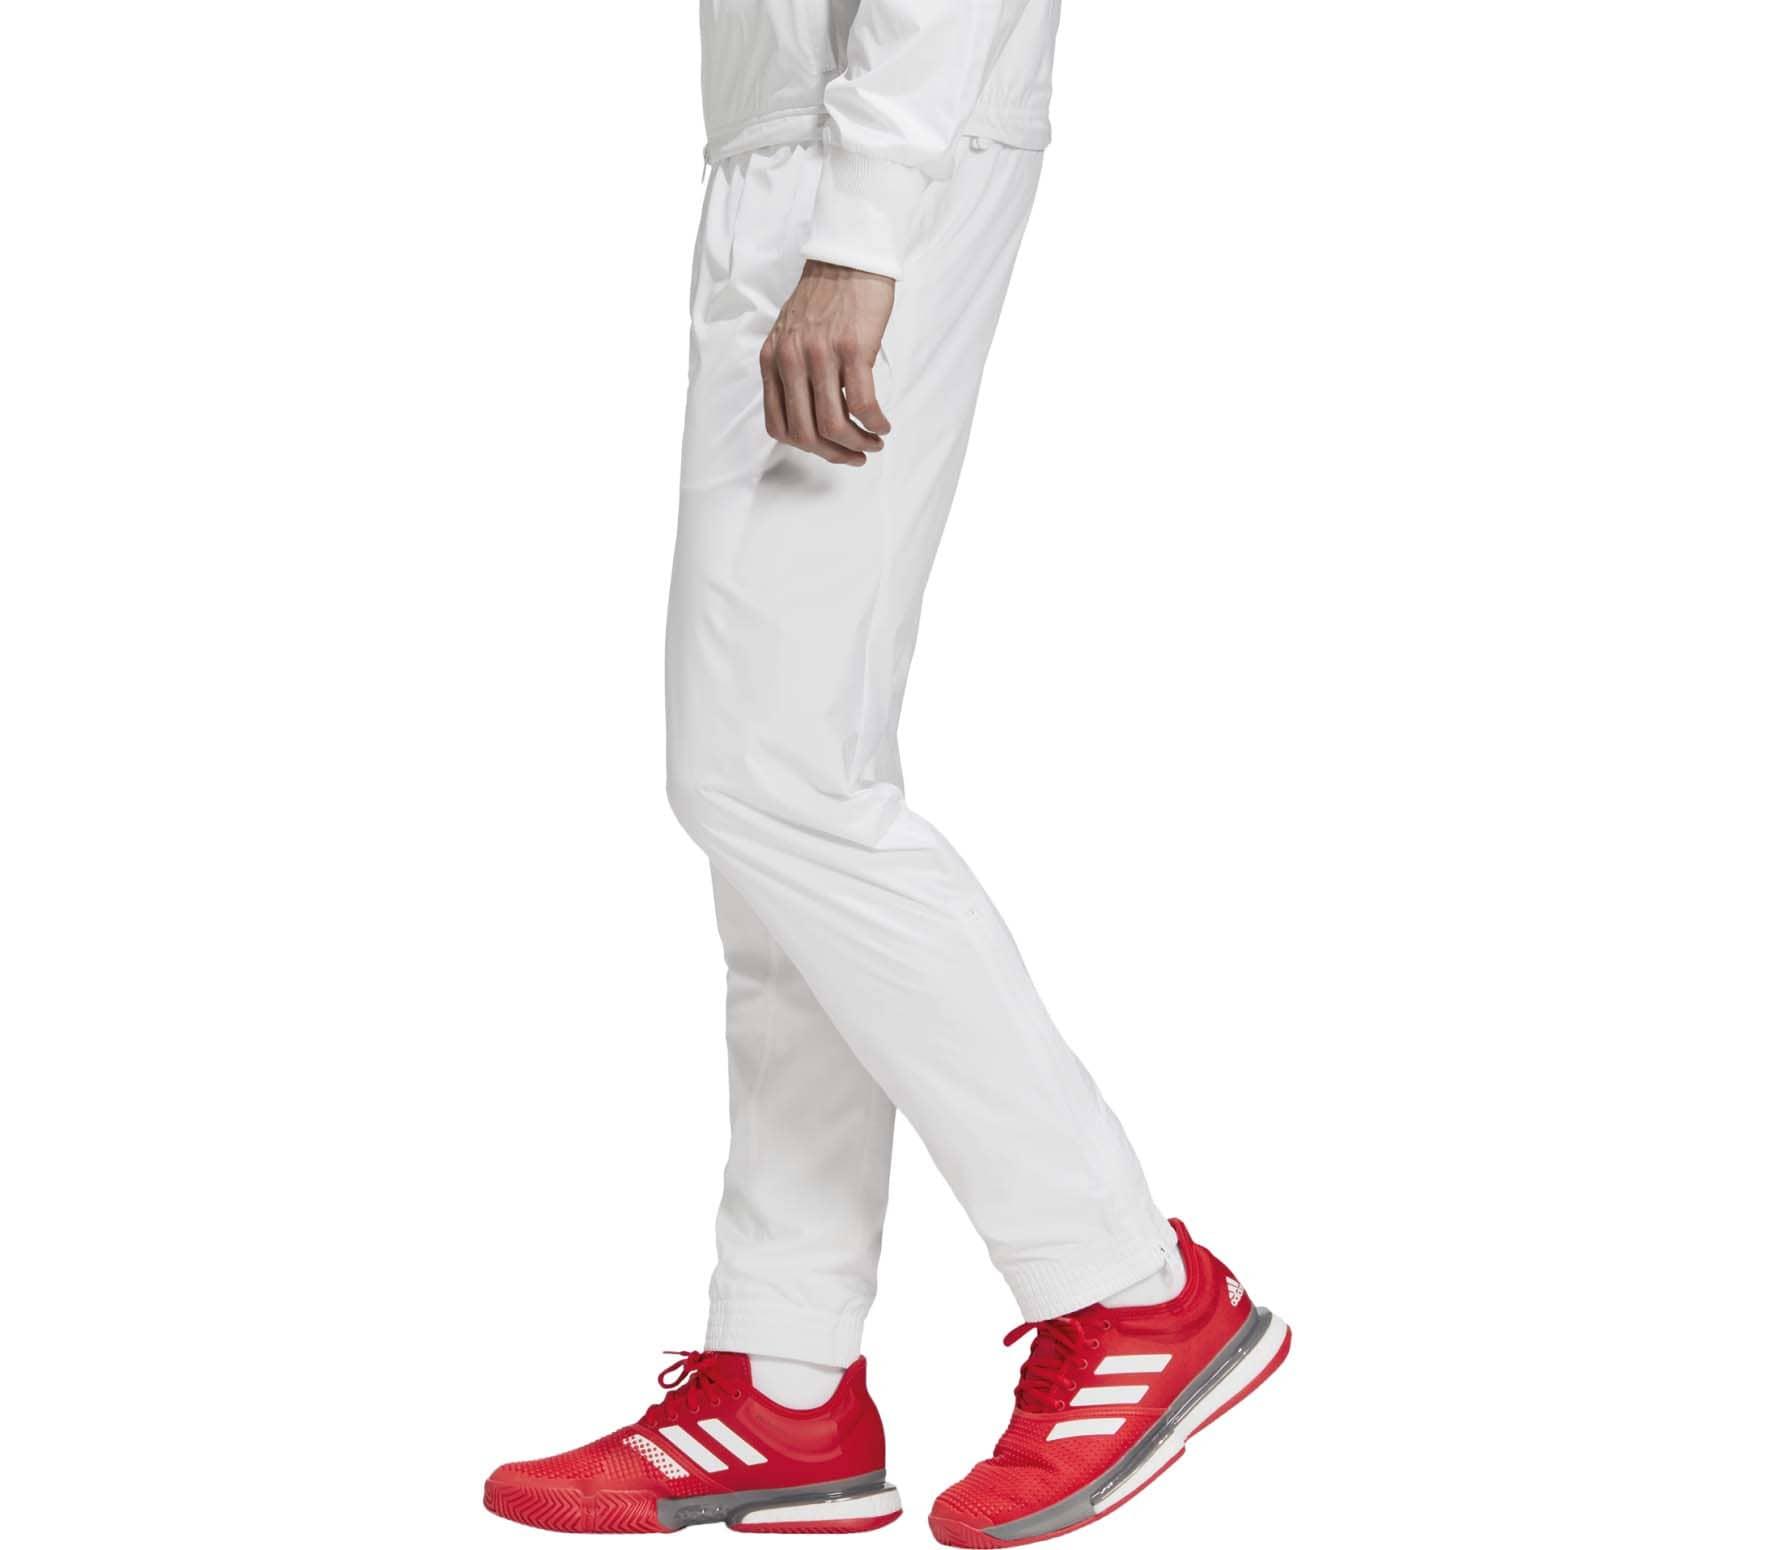 adidas aSMC Herren Tennishose weiß